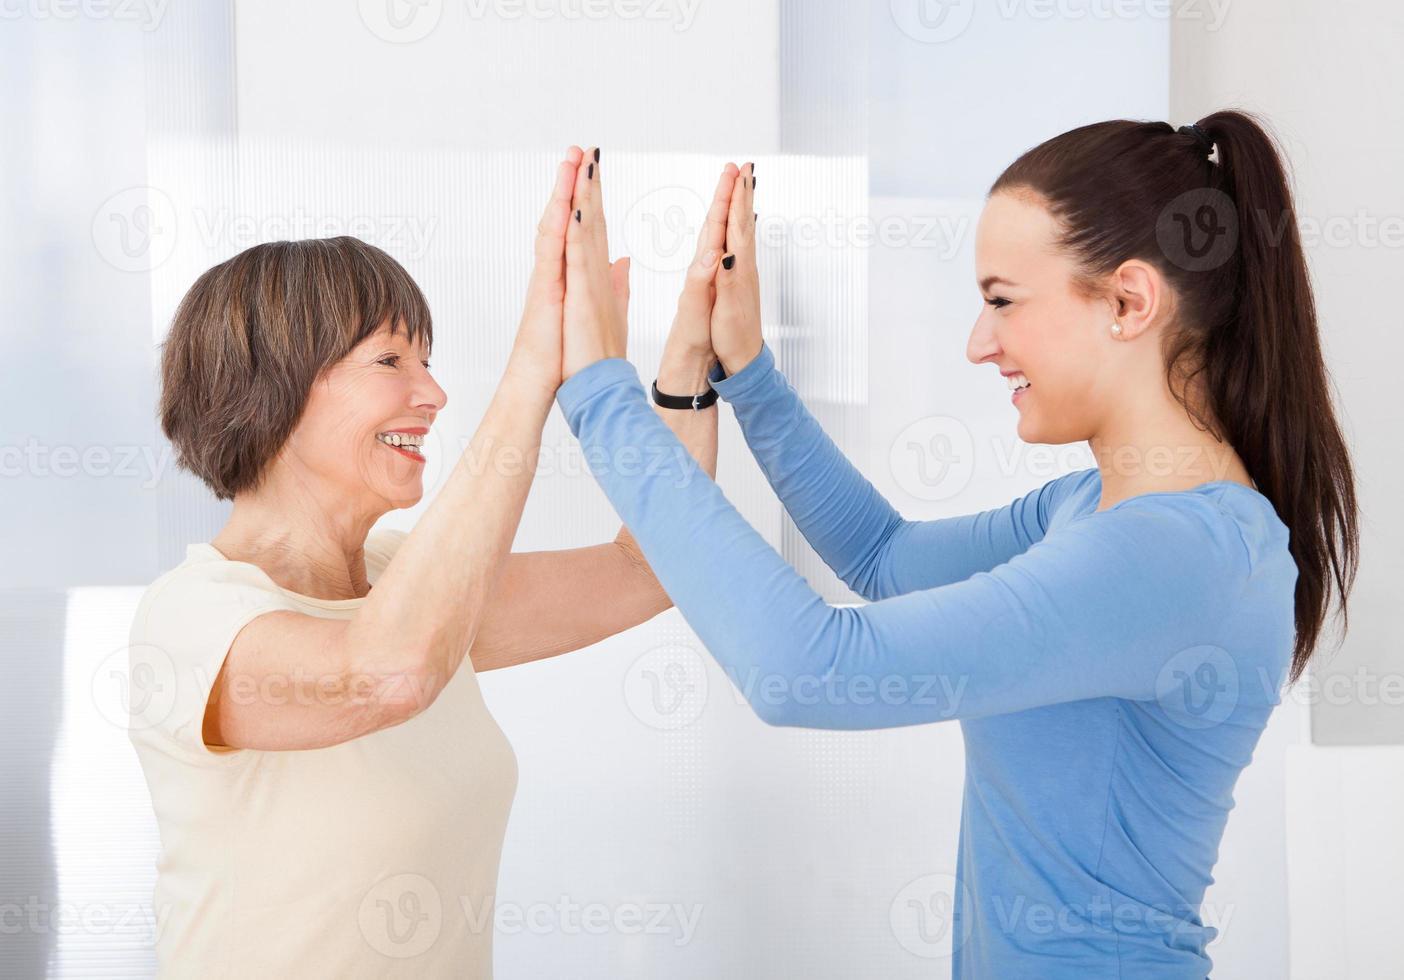 badante e donna senior dando il cinque foto